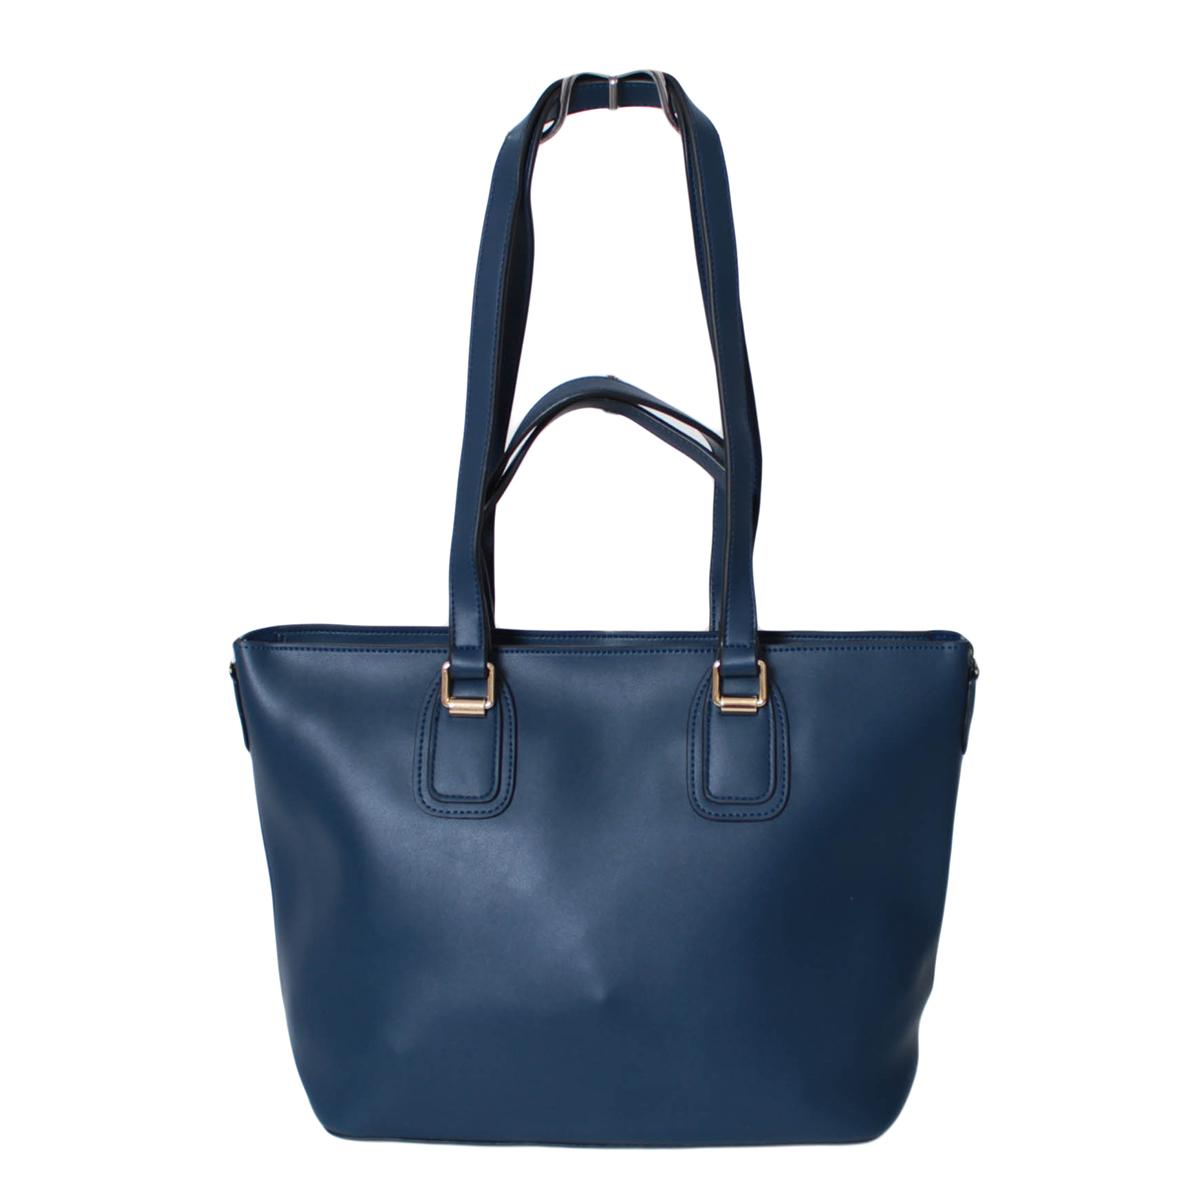 Сумка женская Flioraj, цвет: синий. 0005271800052718Закрывается на молнию. Внутри одно отделение. К сумке в наборе идет косметичка и длинный ремень.